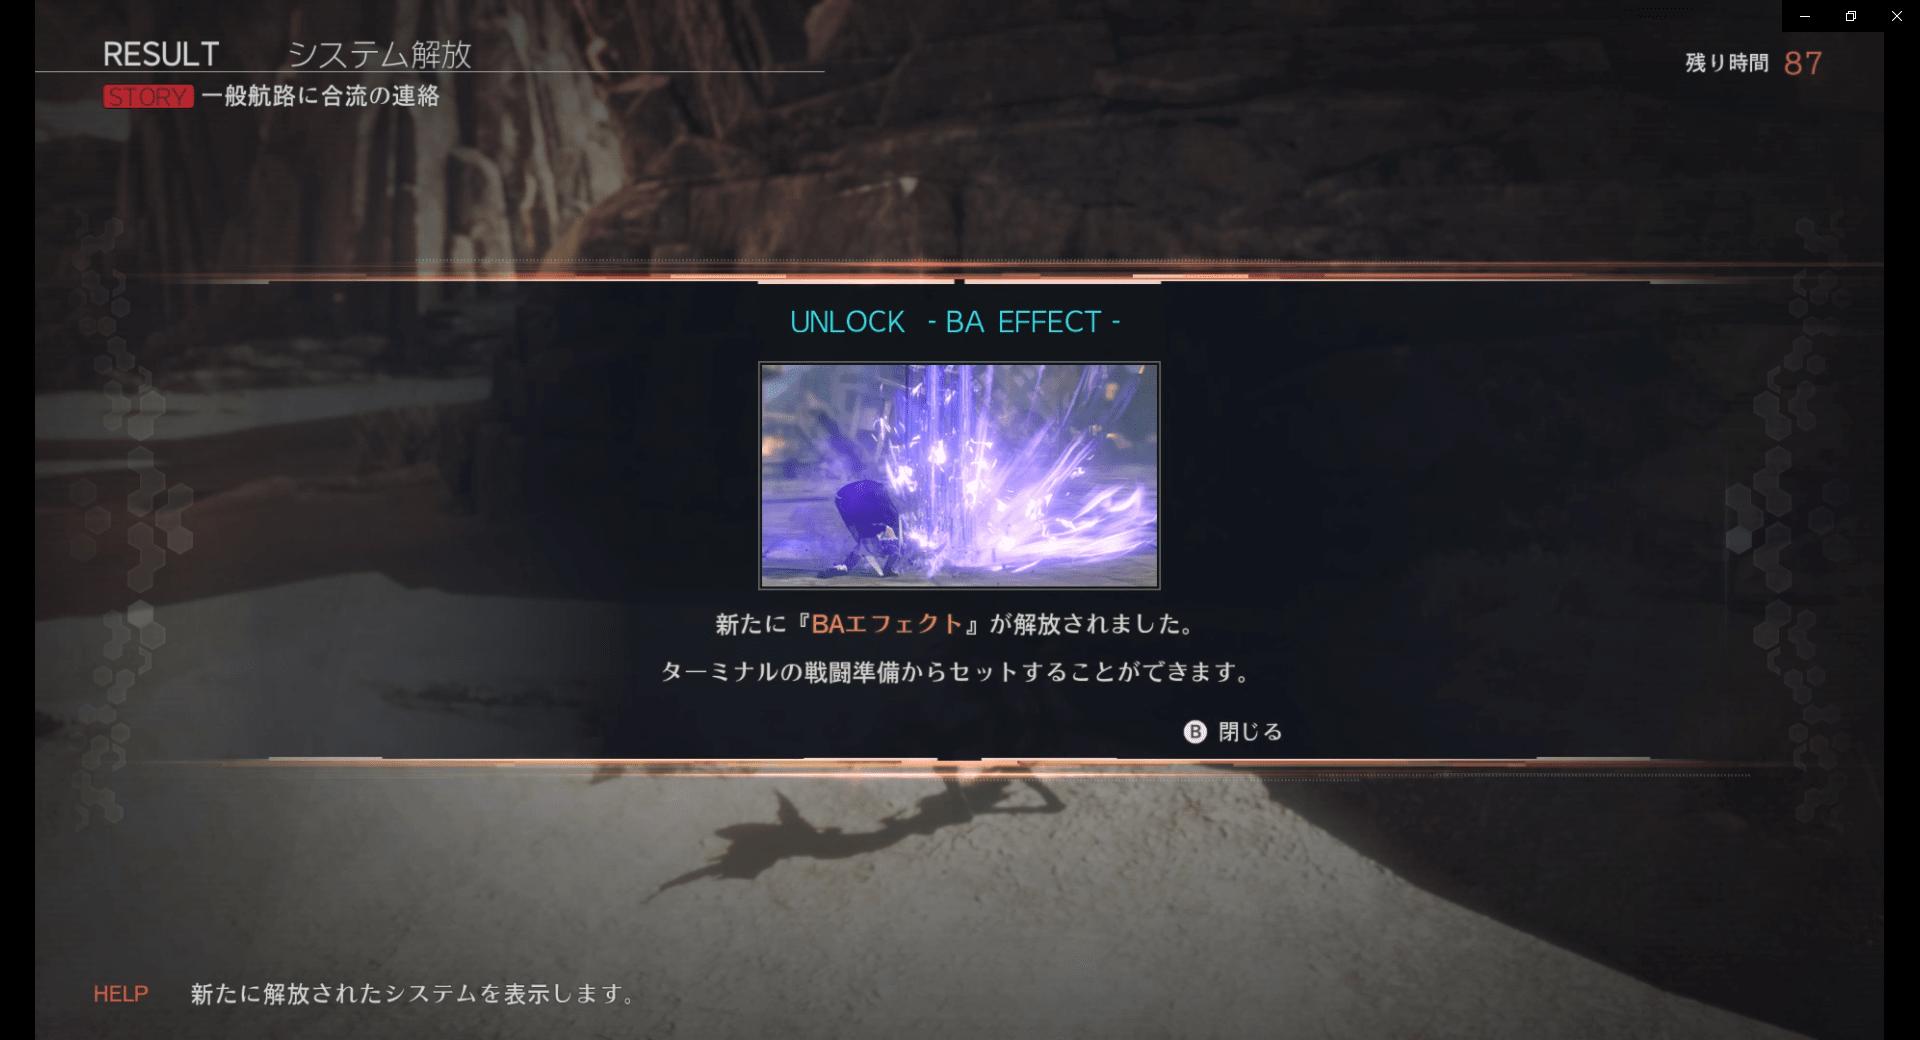 映画 テレビ 2019_03_22 0_11_19-min